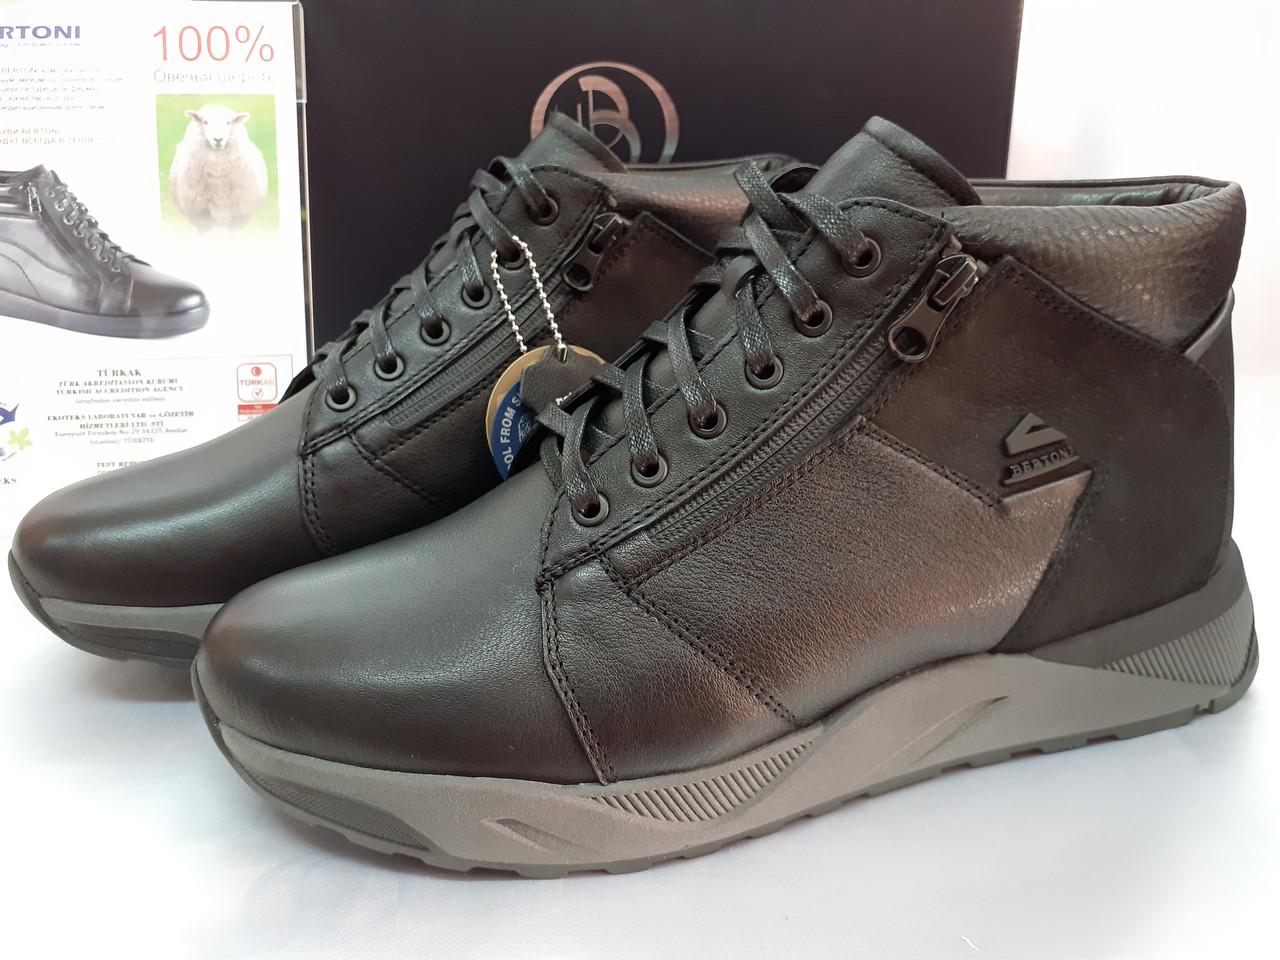 Стильные зимние кожаные ботинки под кроссовки Bertoni